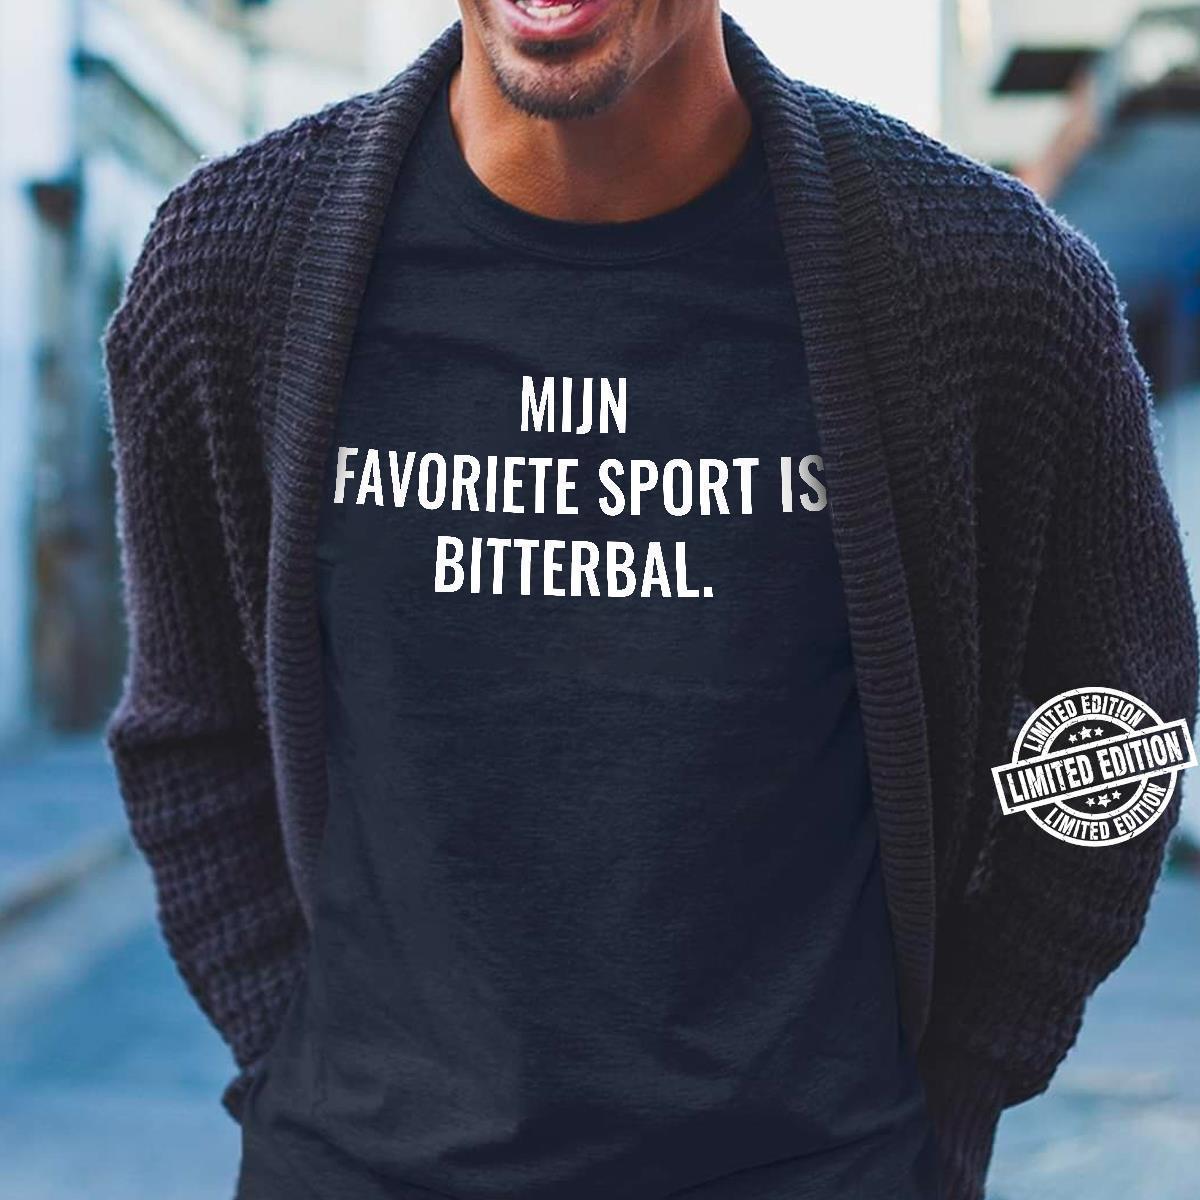 Mijn favoriete sport is bitterbal shirt